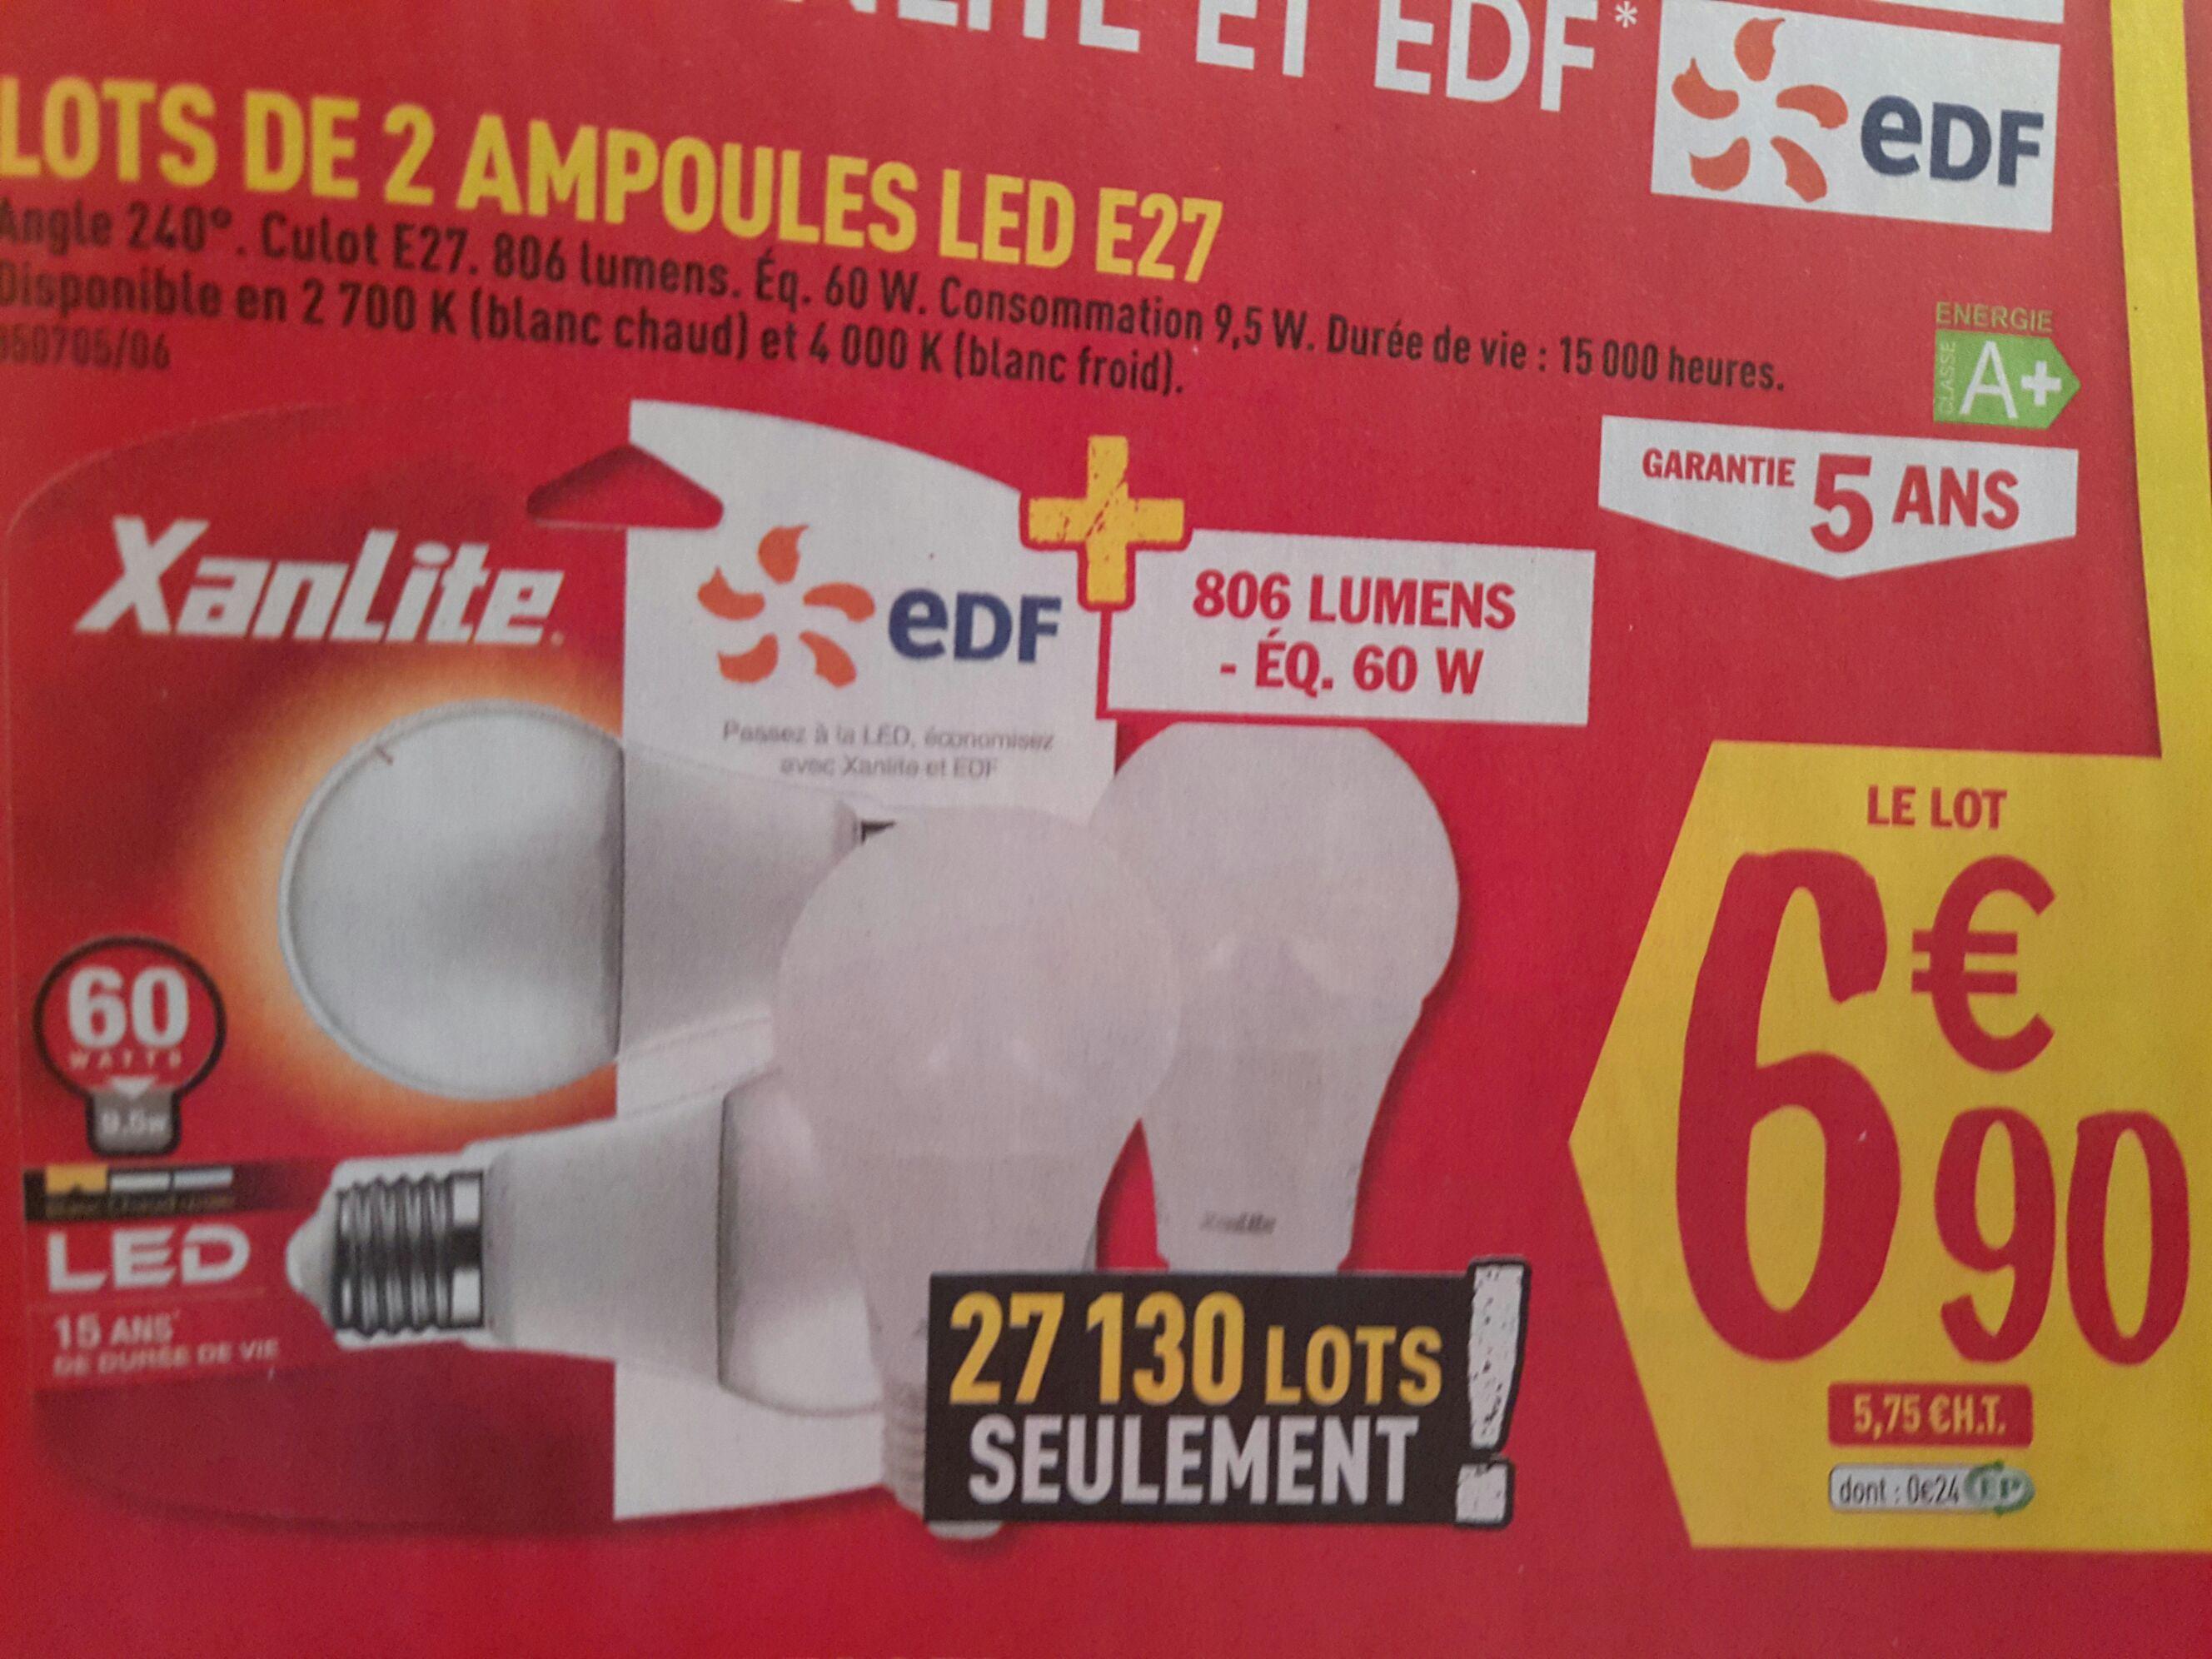 2 Ampoules LED E27 Xanlite - 60W